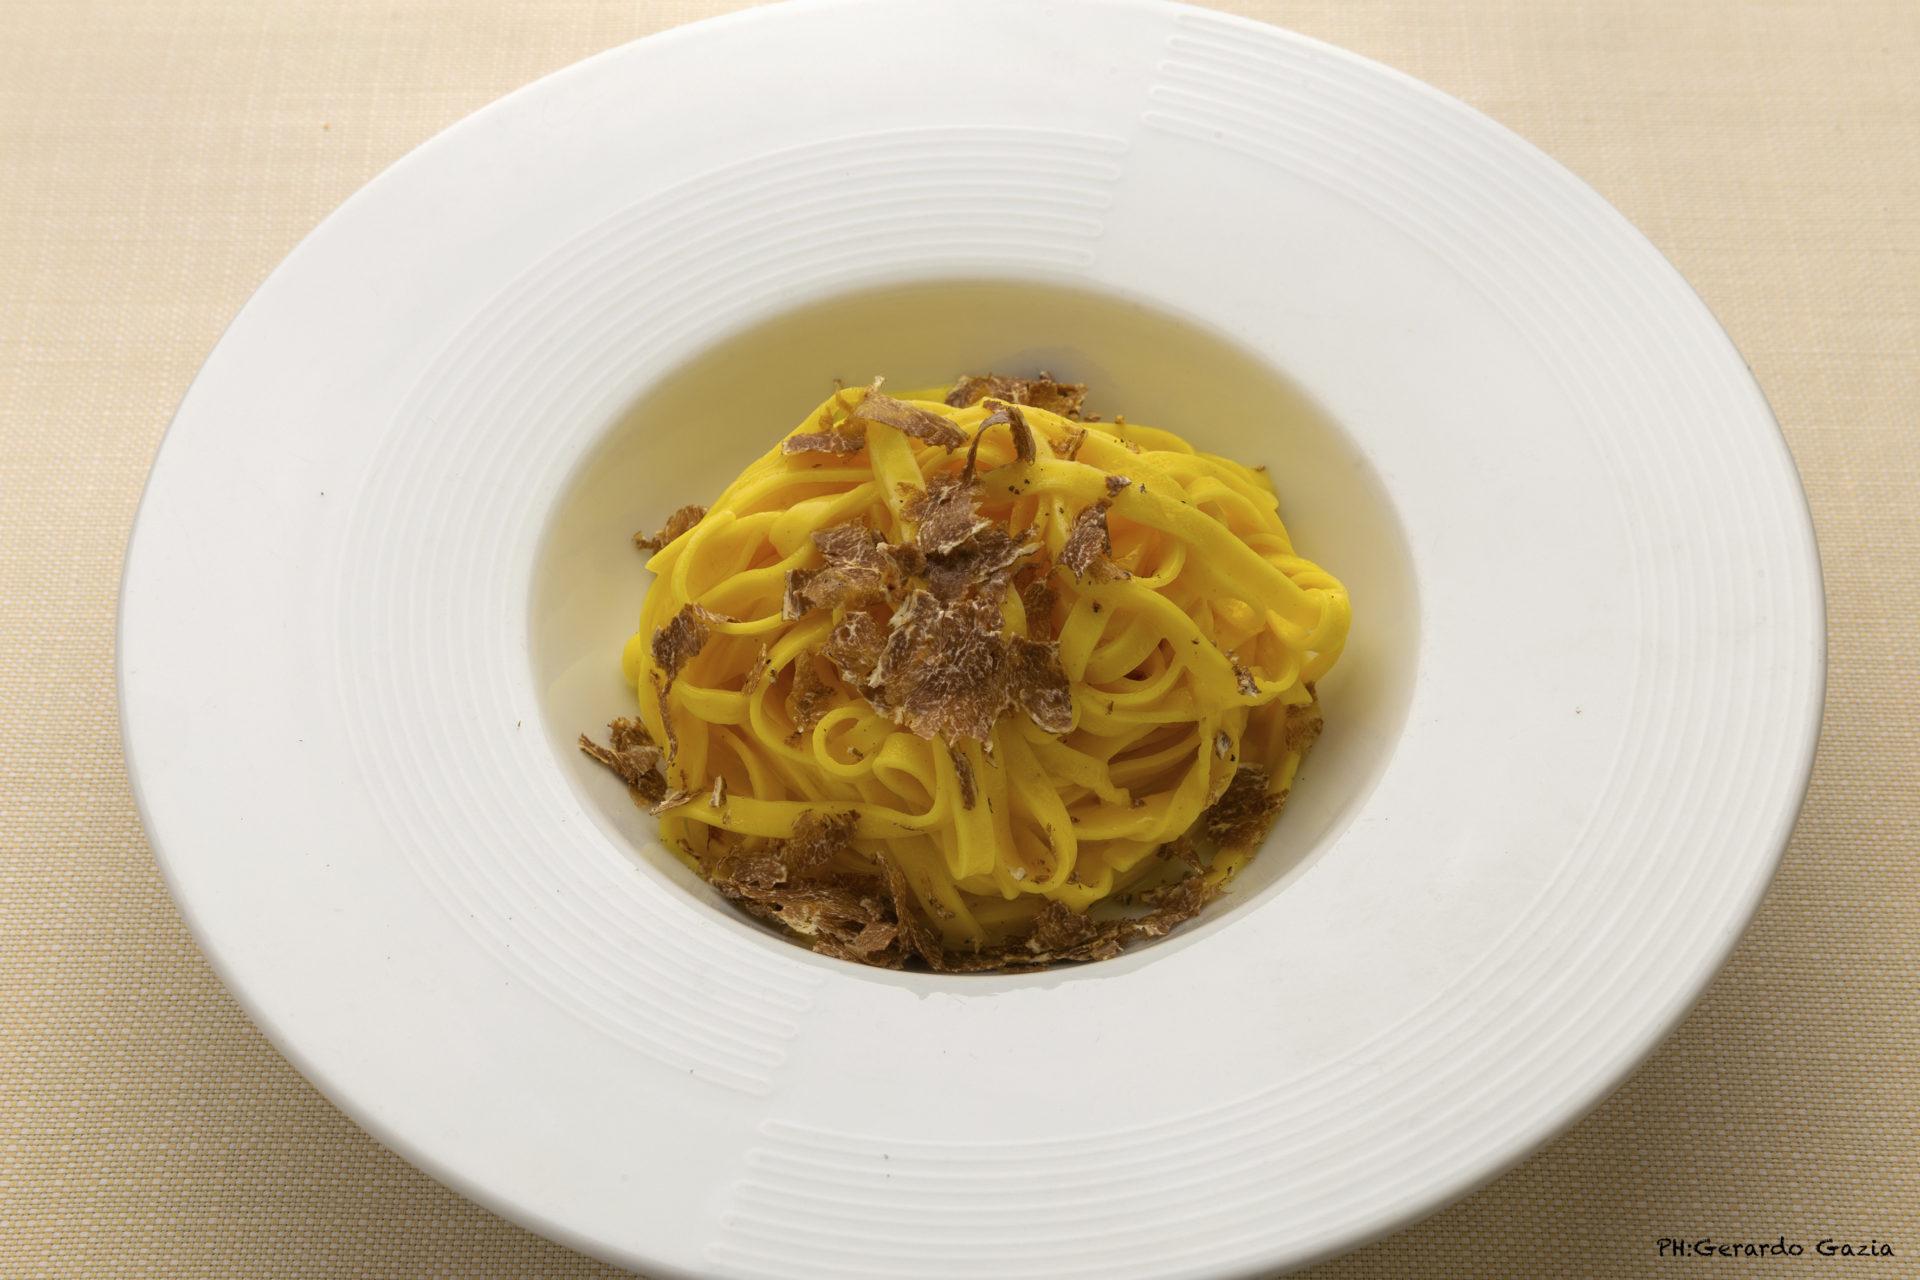 IMG 0095 copia - Olio Restaurant